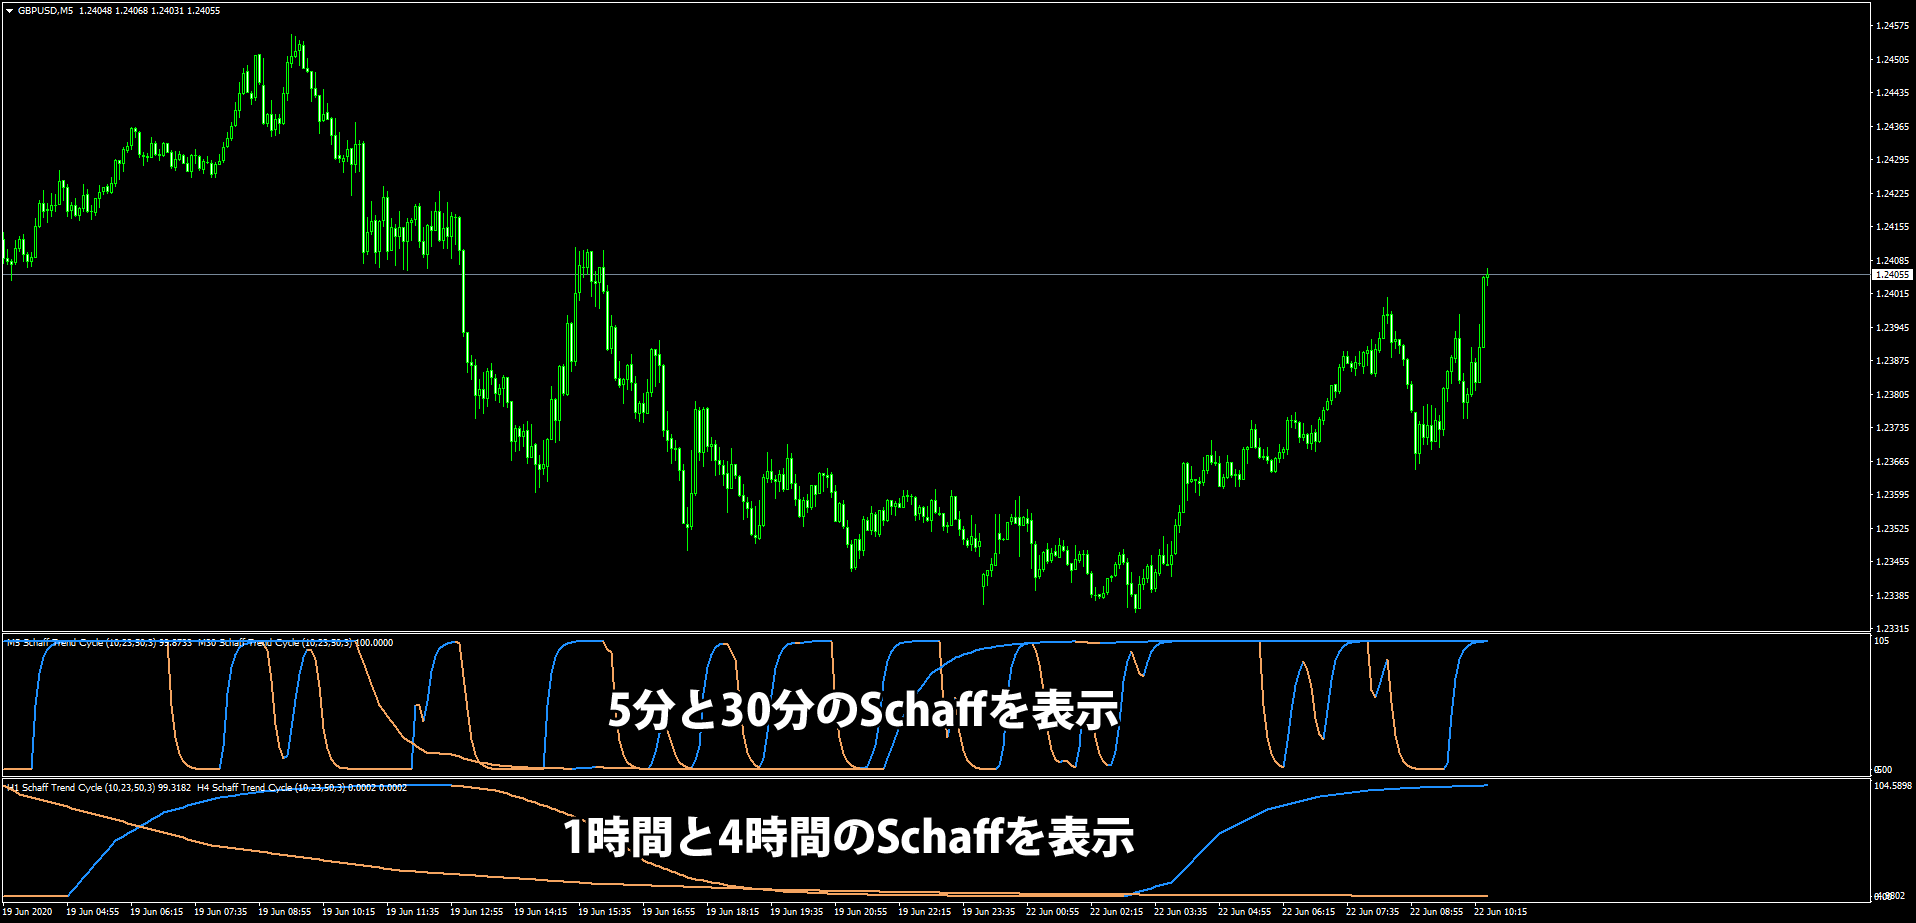 Schaff_Trend_Cycle_-_adjustable_smoothingの表示例